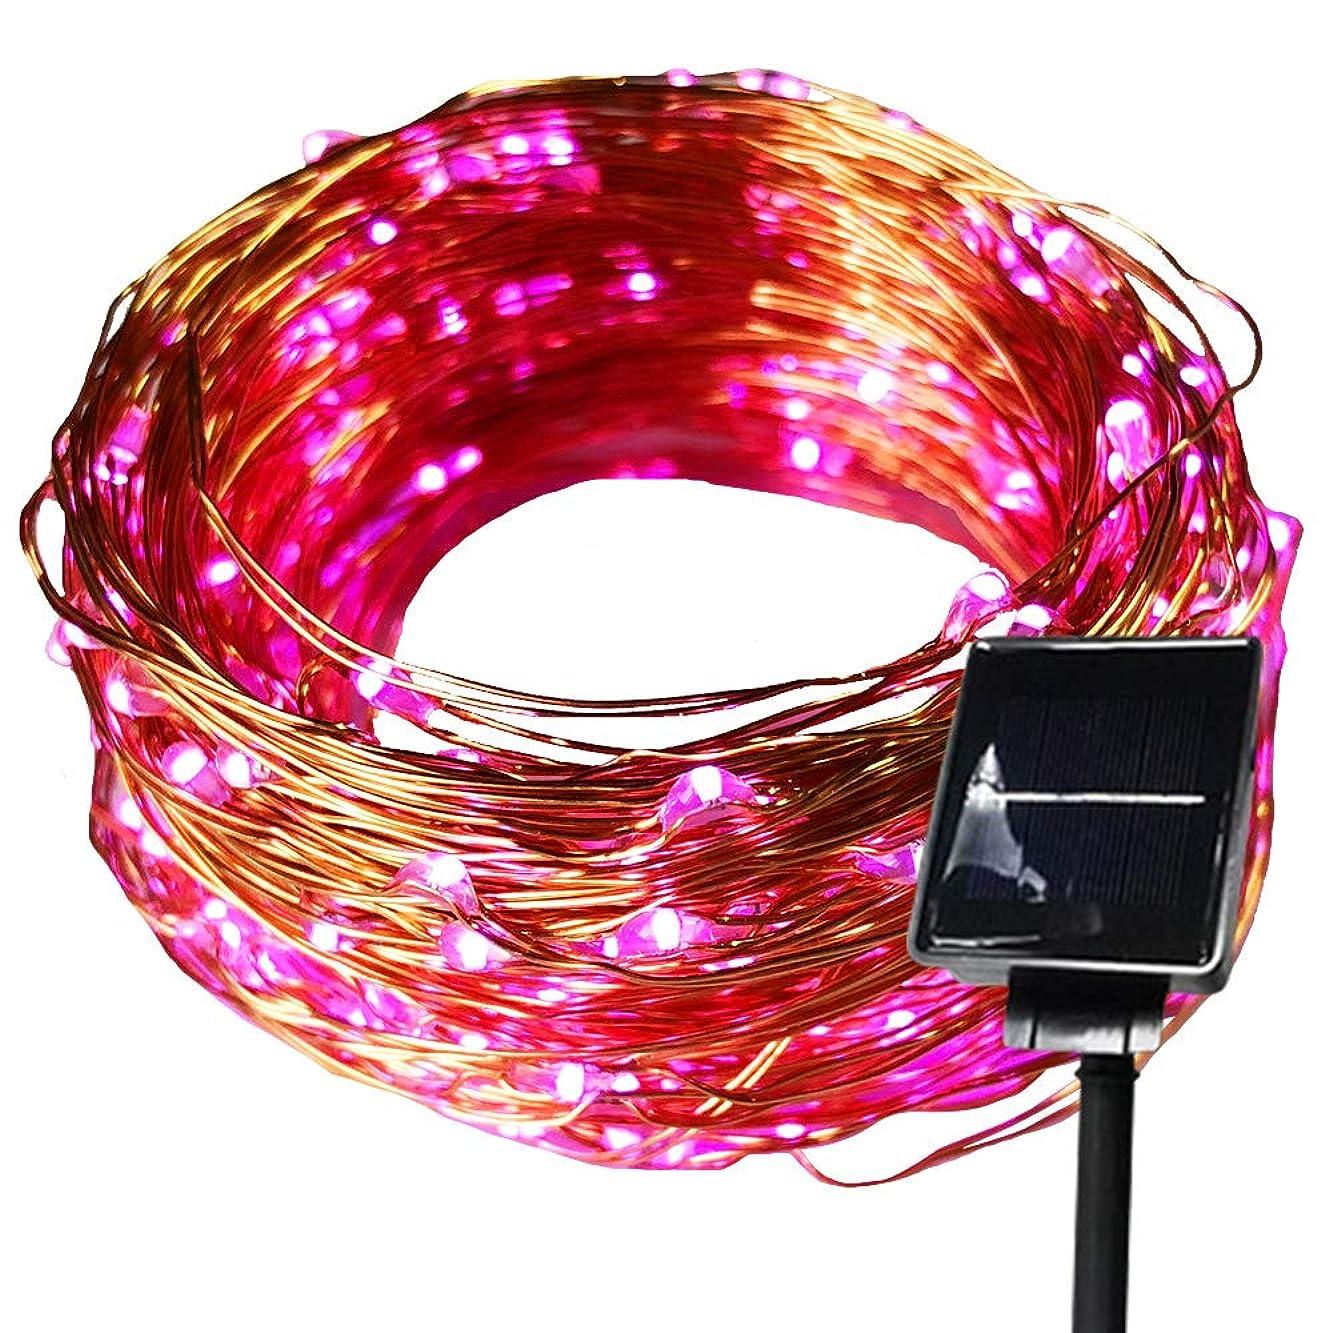 信念エキサイティング土地ソーラージュエリーライト LED ソーラーイルミネーション 100球 クリスマス 屋外 防水仕様 イルミネーション (ピンク)